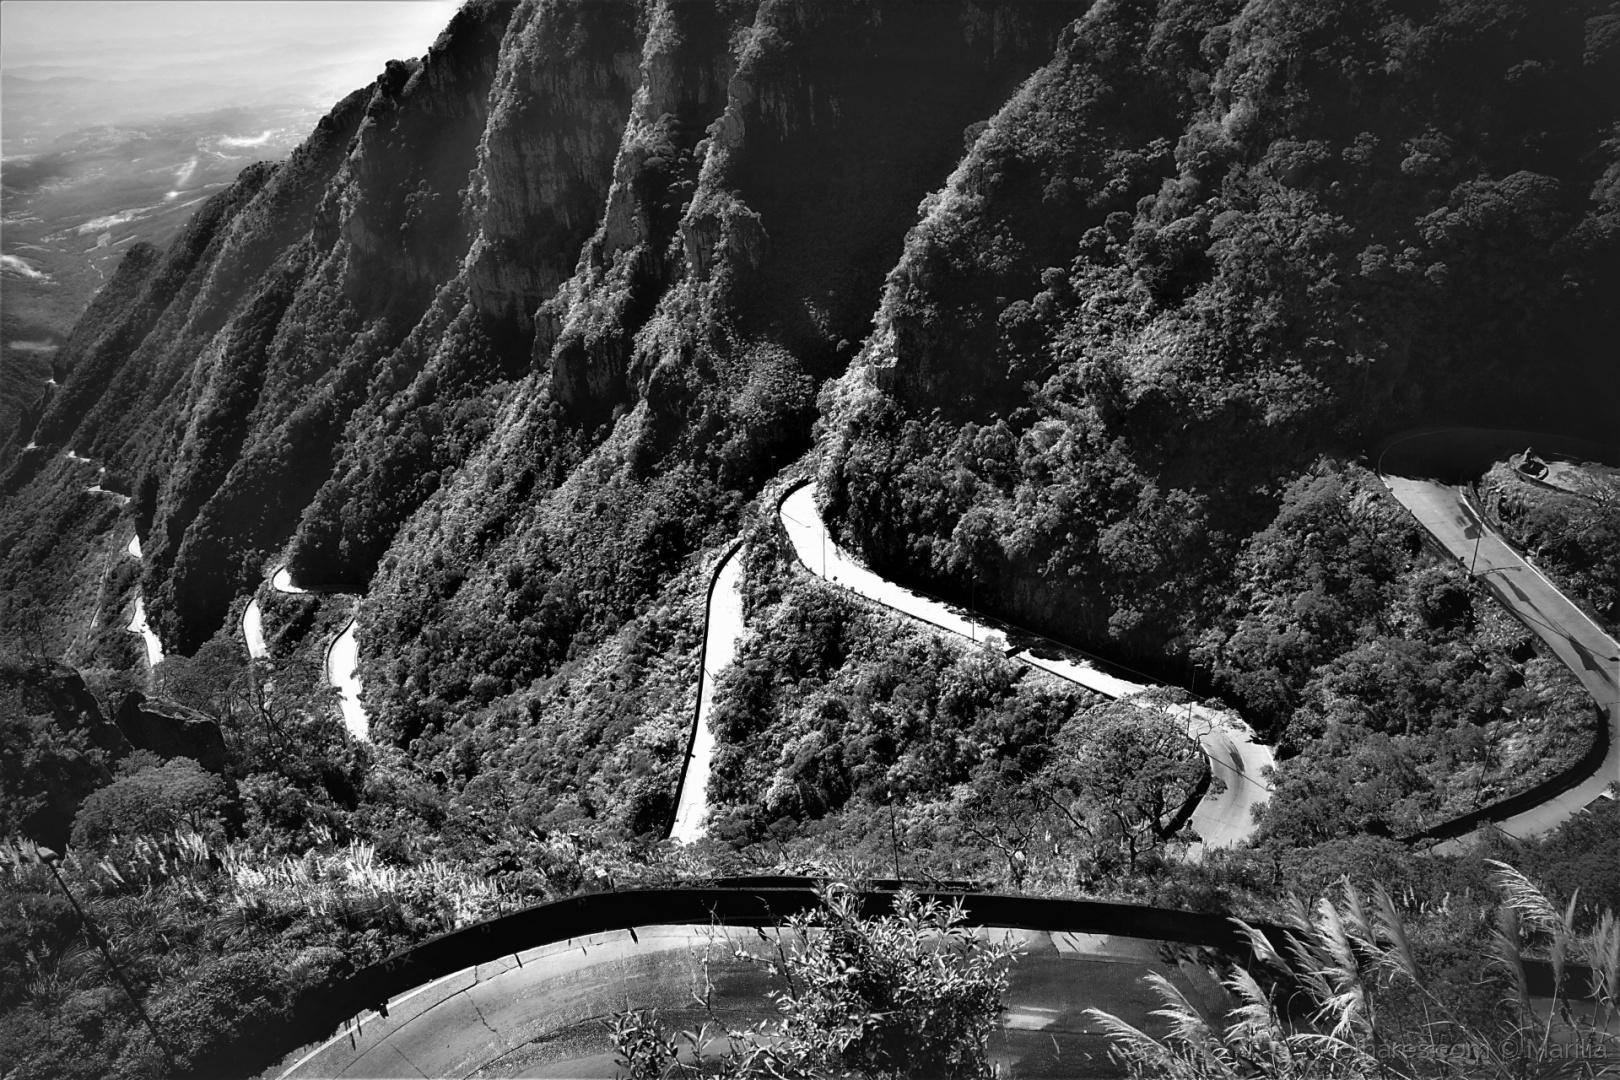 Paisagem Natural/Estrada Sinuosa. Serpenteando as montanhas.